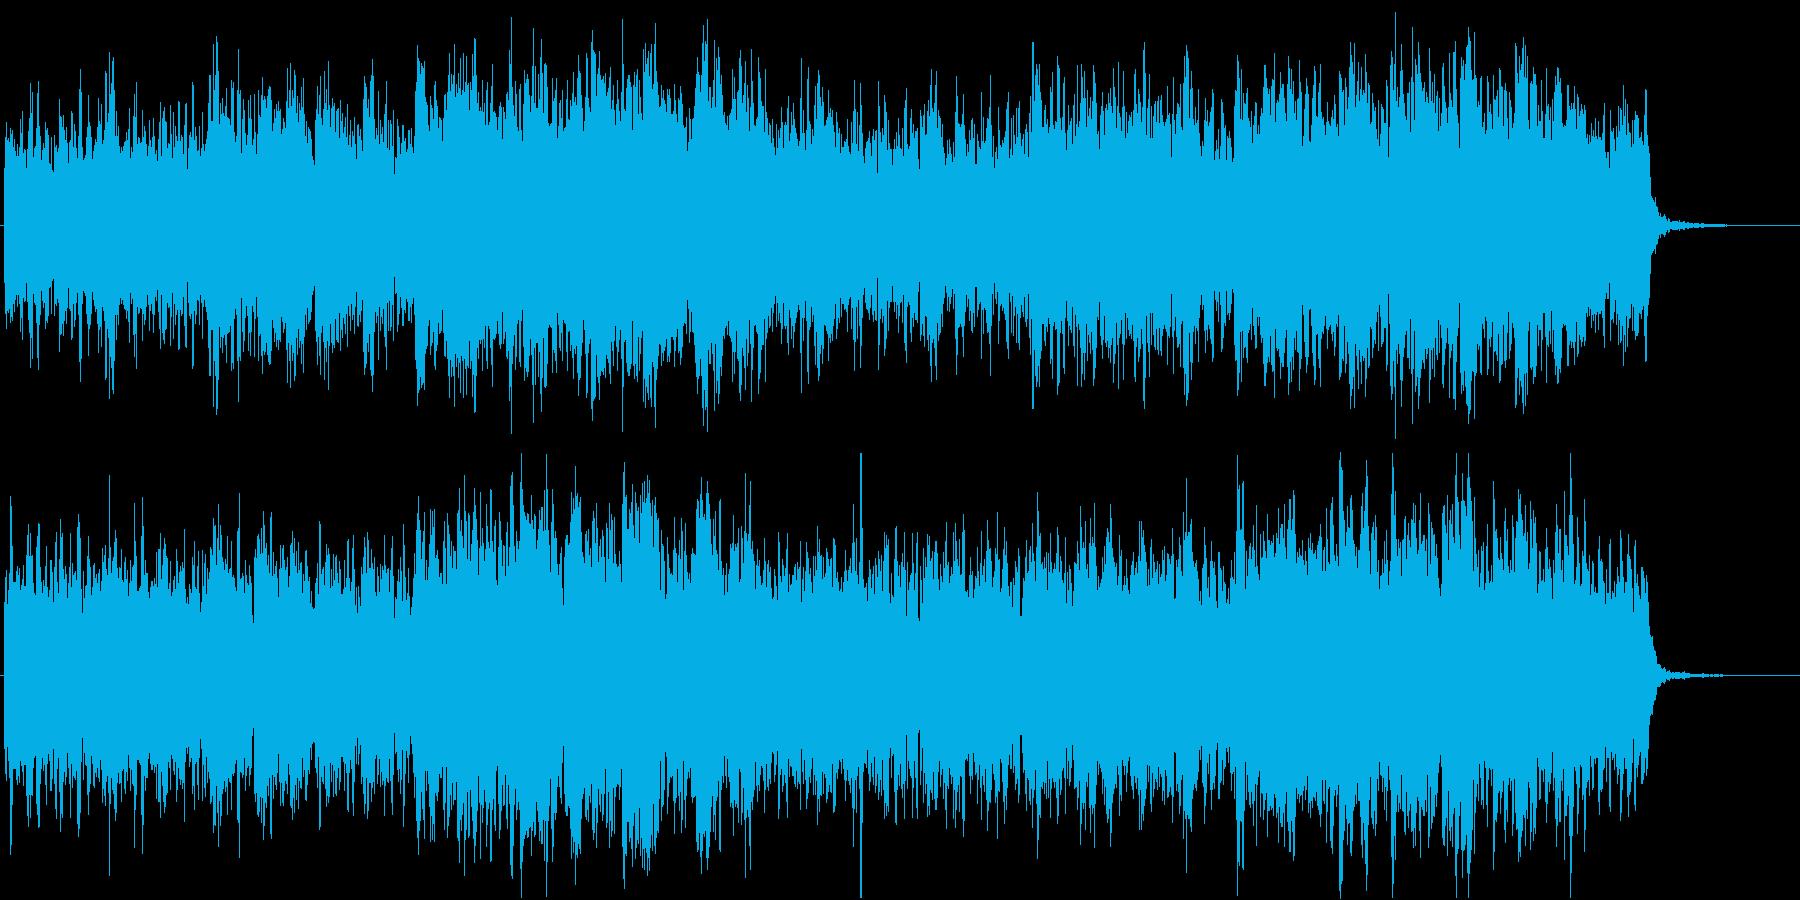 「天にお召されあそばせ」、なピアノ曲の再生済みの波形